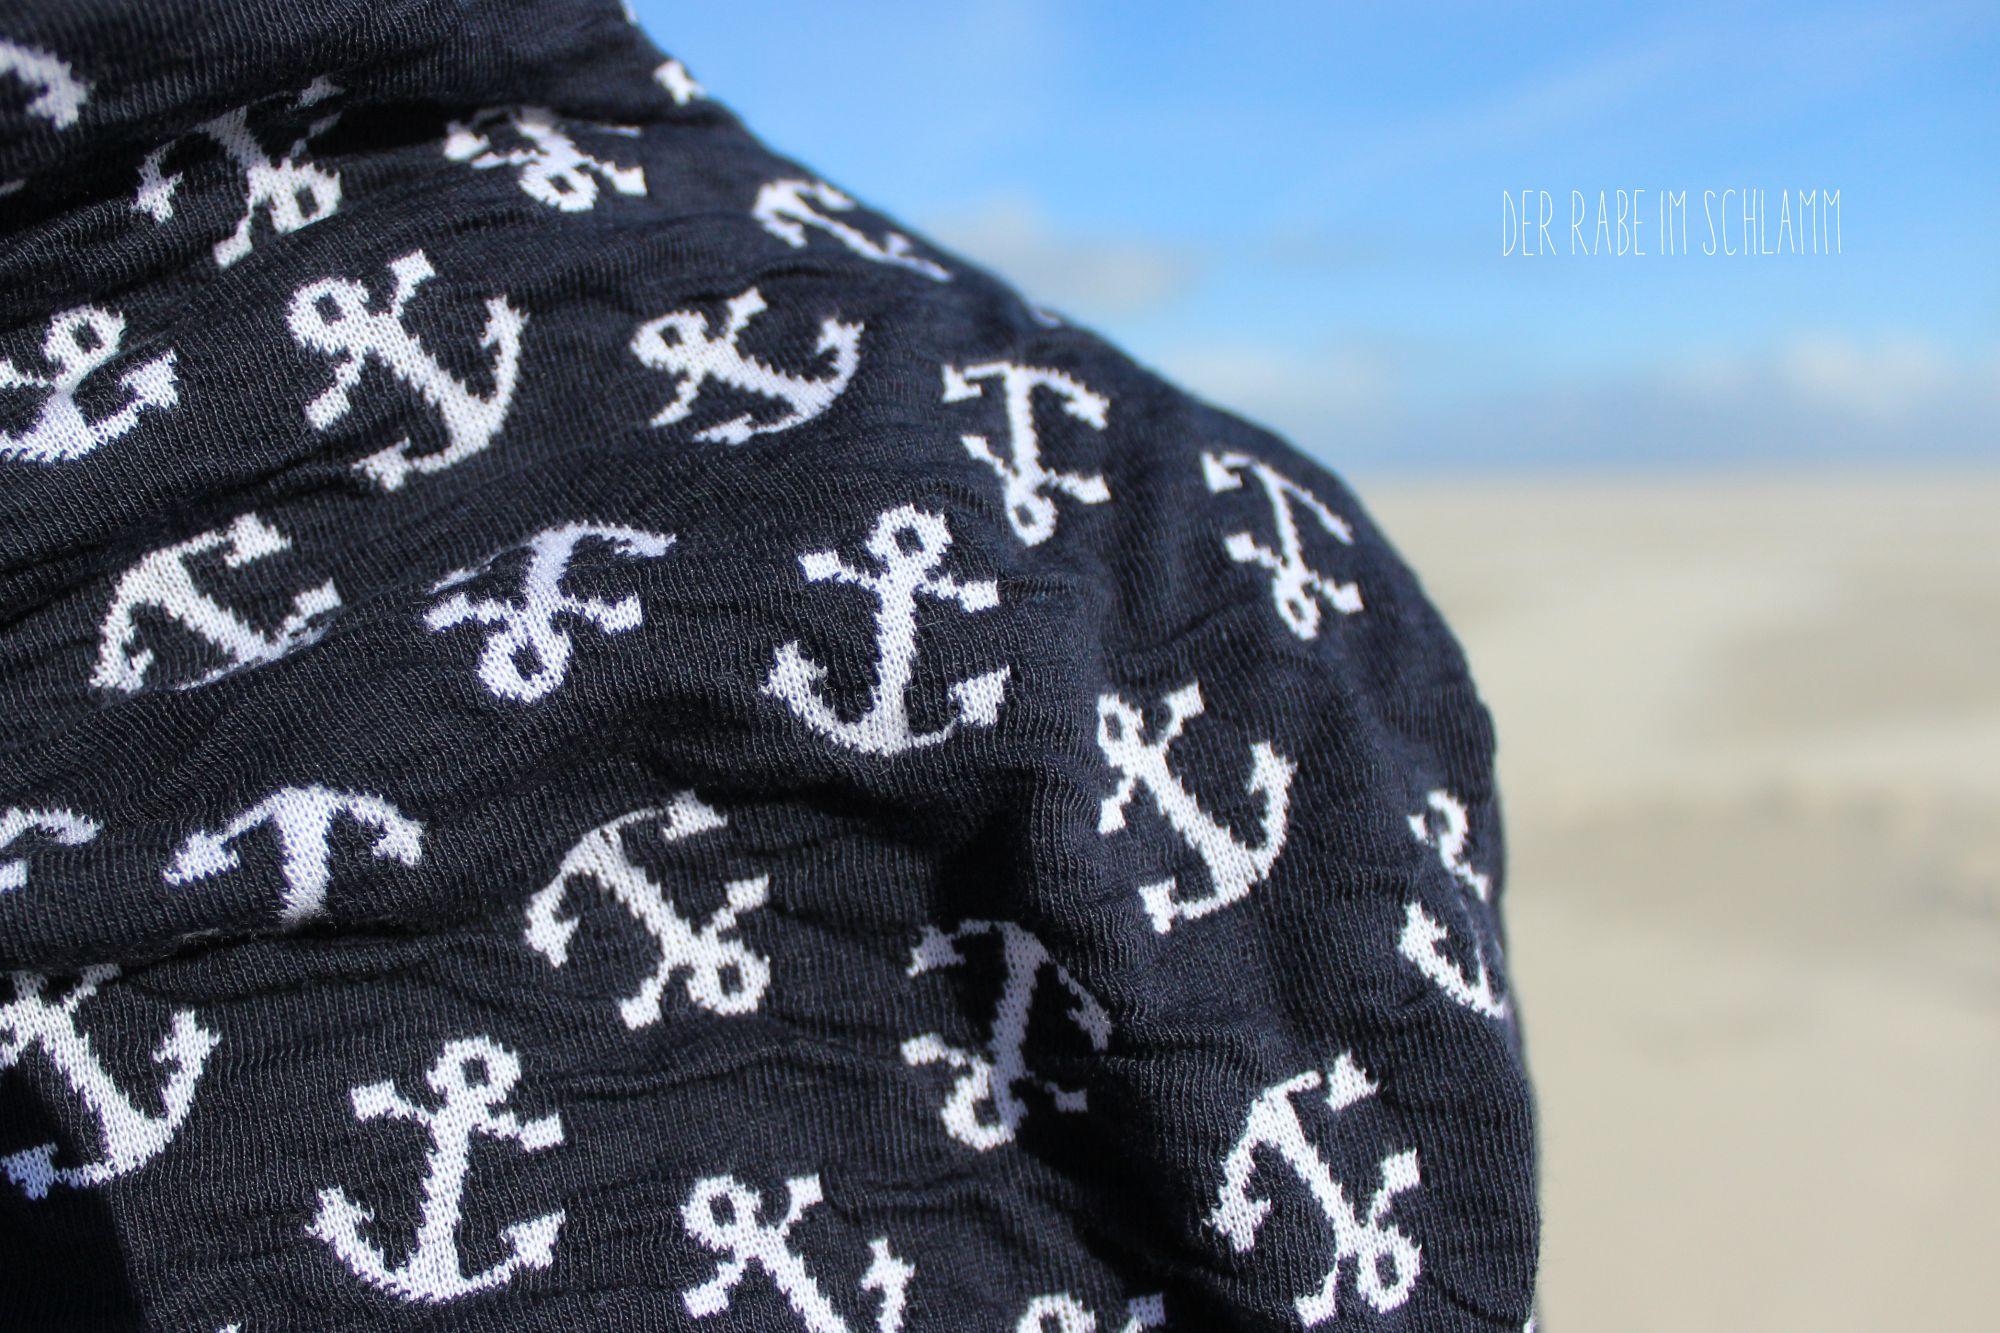 Der Rabe im Schlamm, Pullover, Stoff & Stil, Hamburger Liebe, Sea Breeze Harbour, Jacquard, Schnittmuster, Damen, Nähen